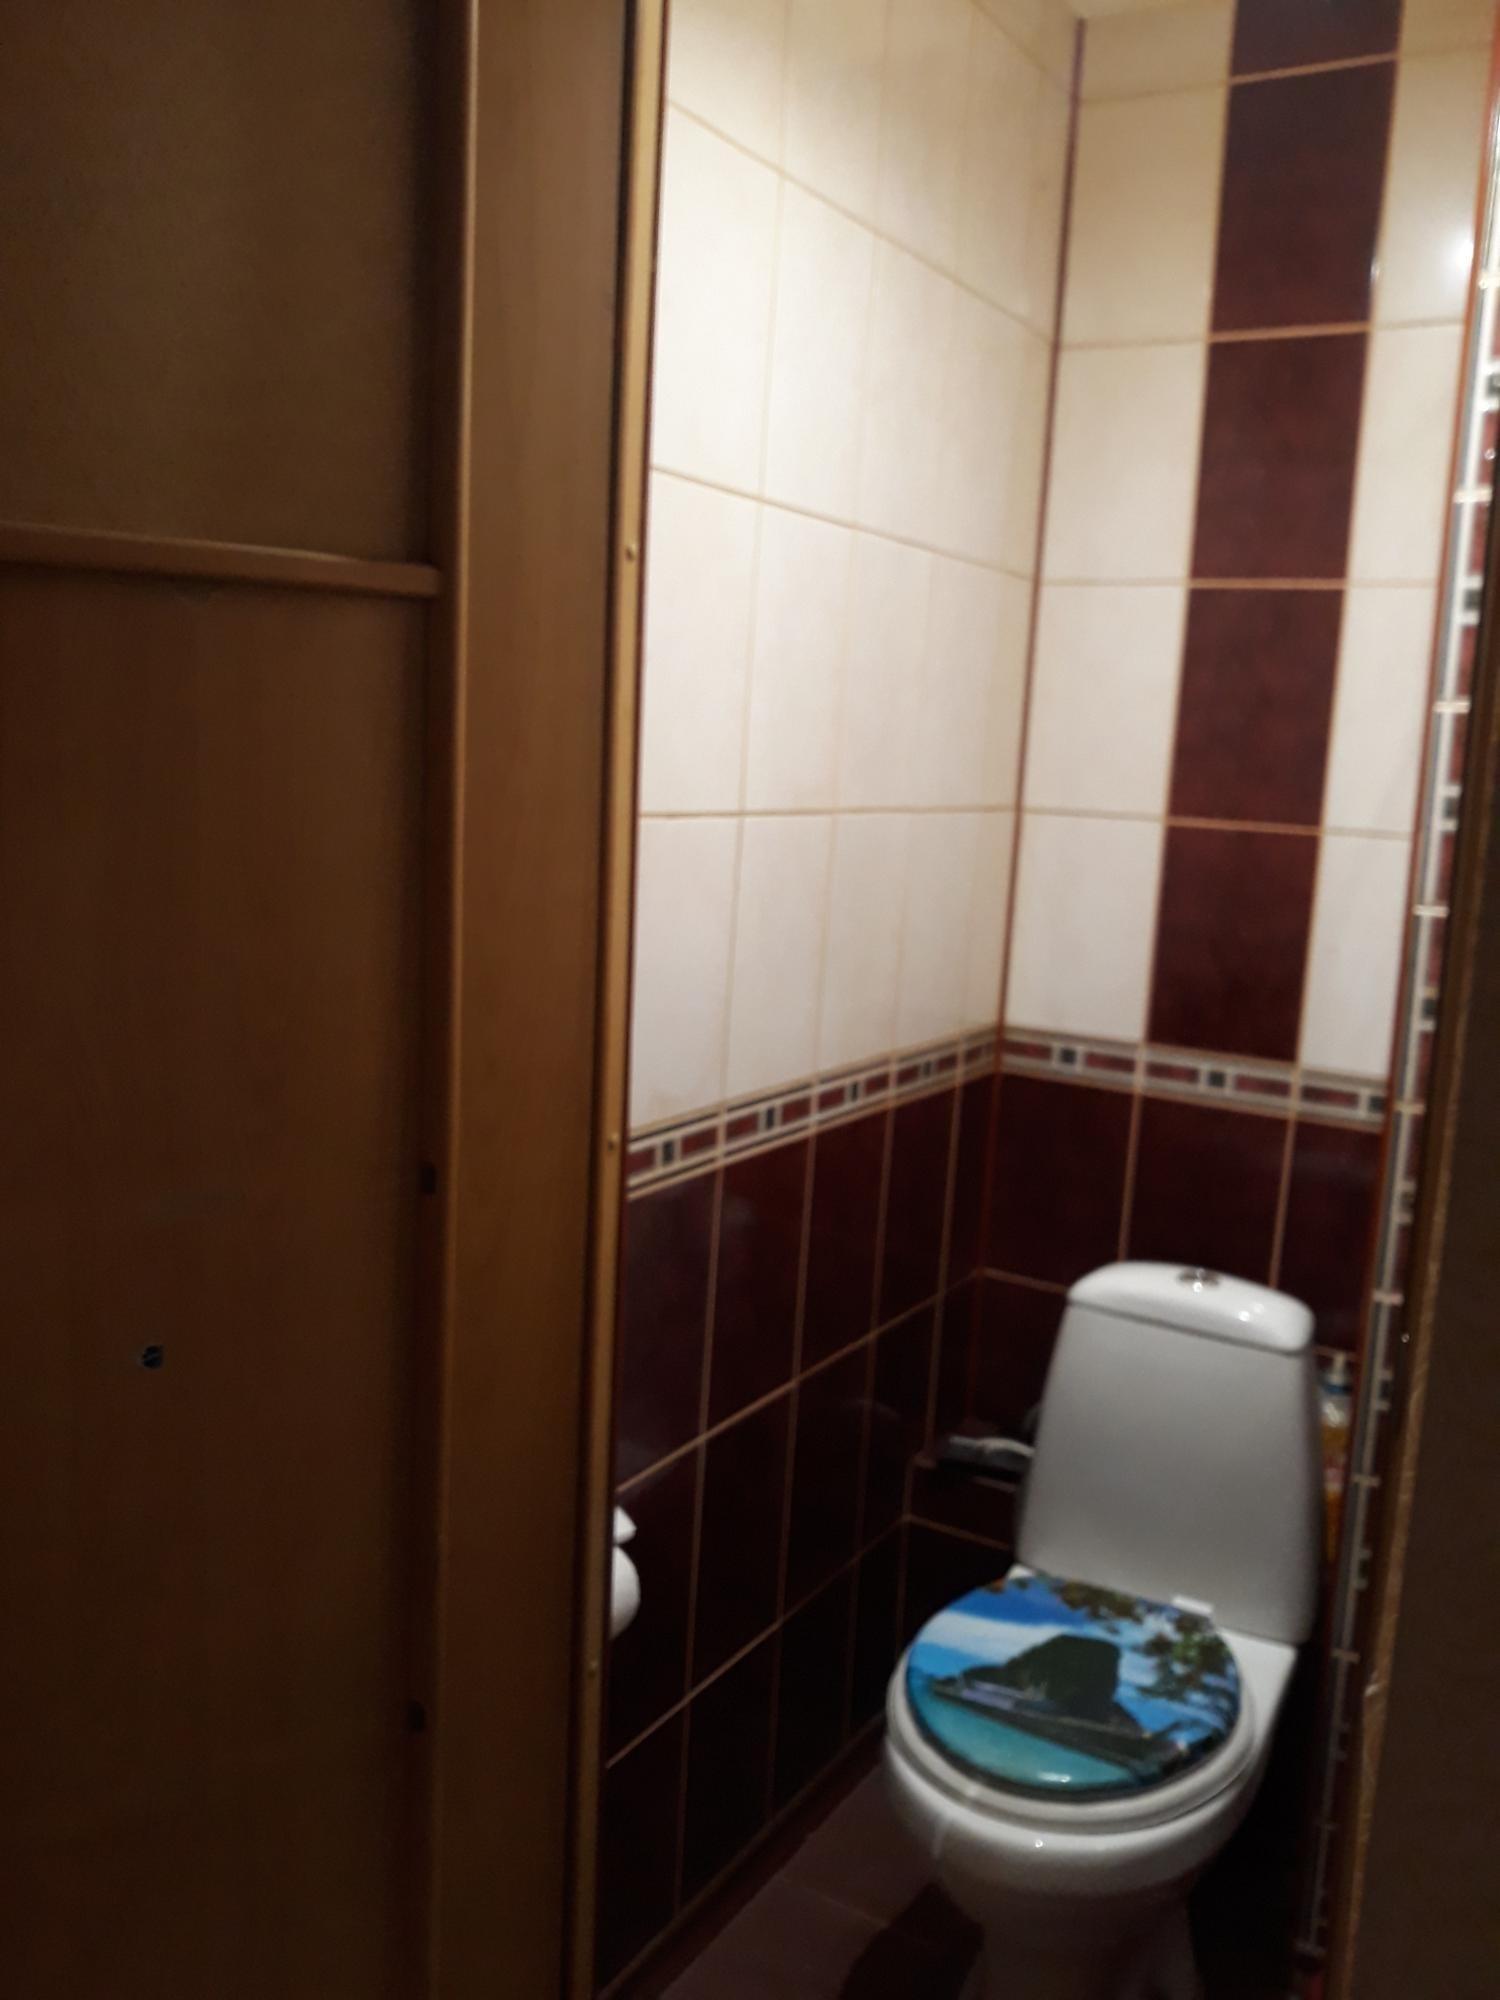 2к квартира Свободная улица, 5Г | 17000 | аренда в Красноярске фото 6